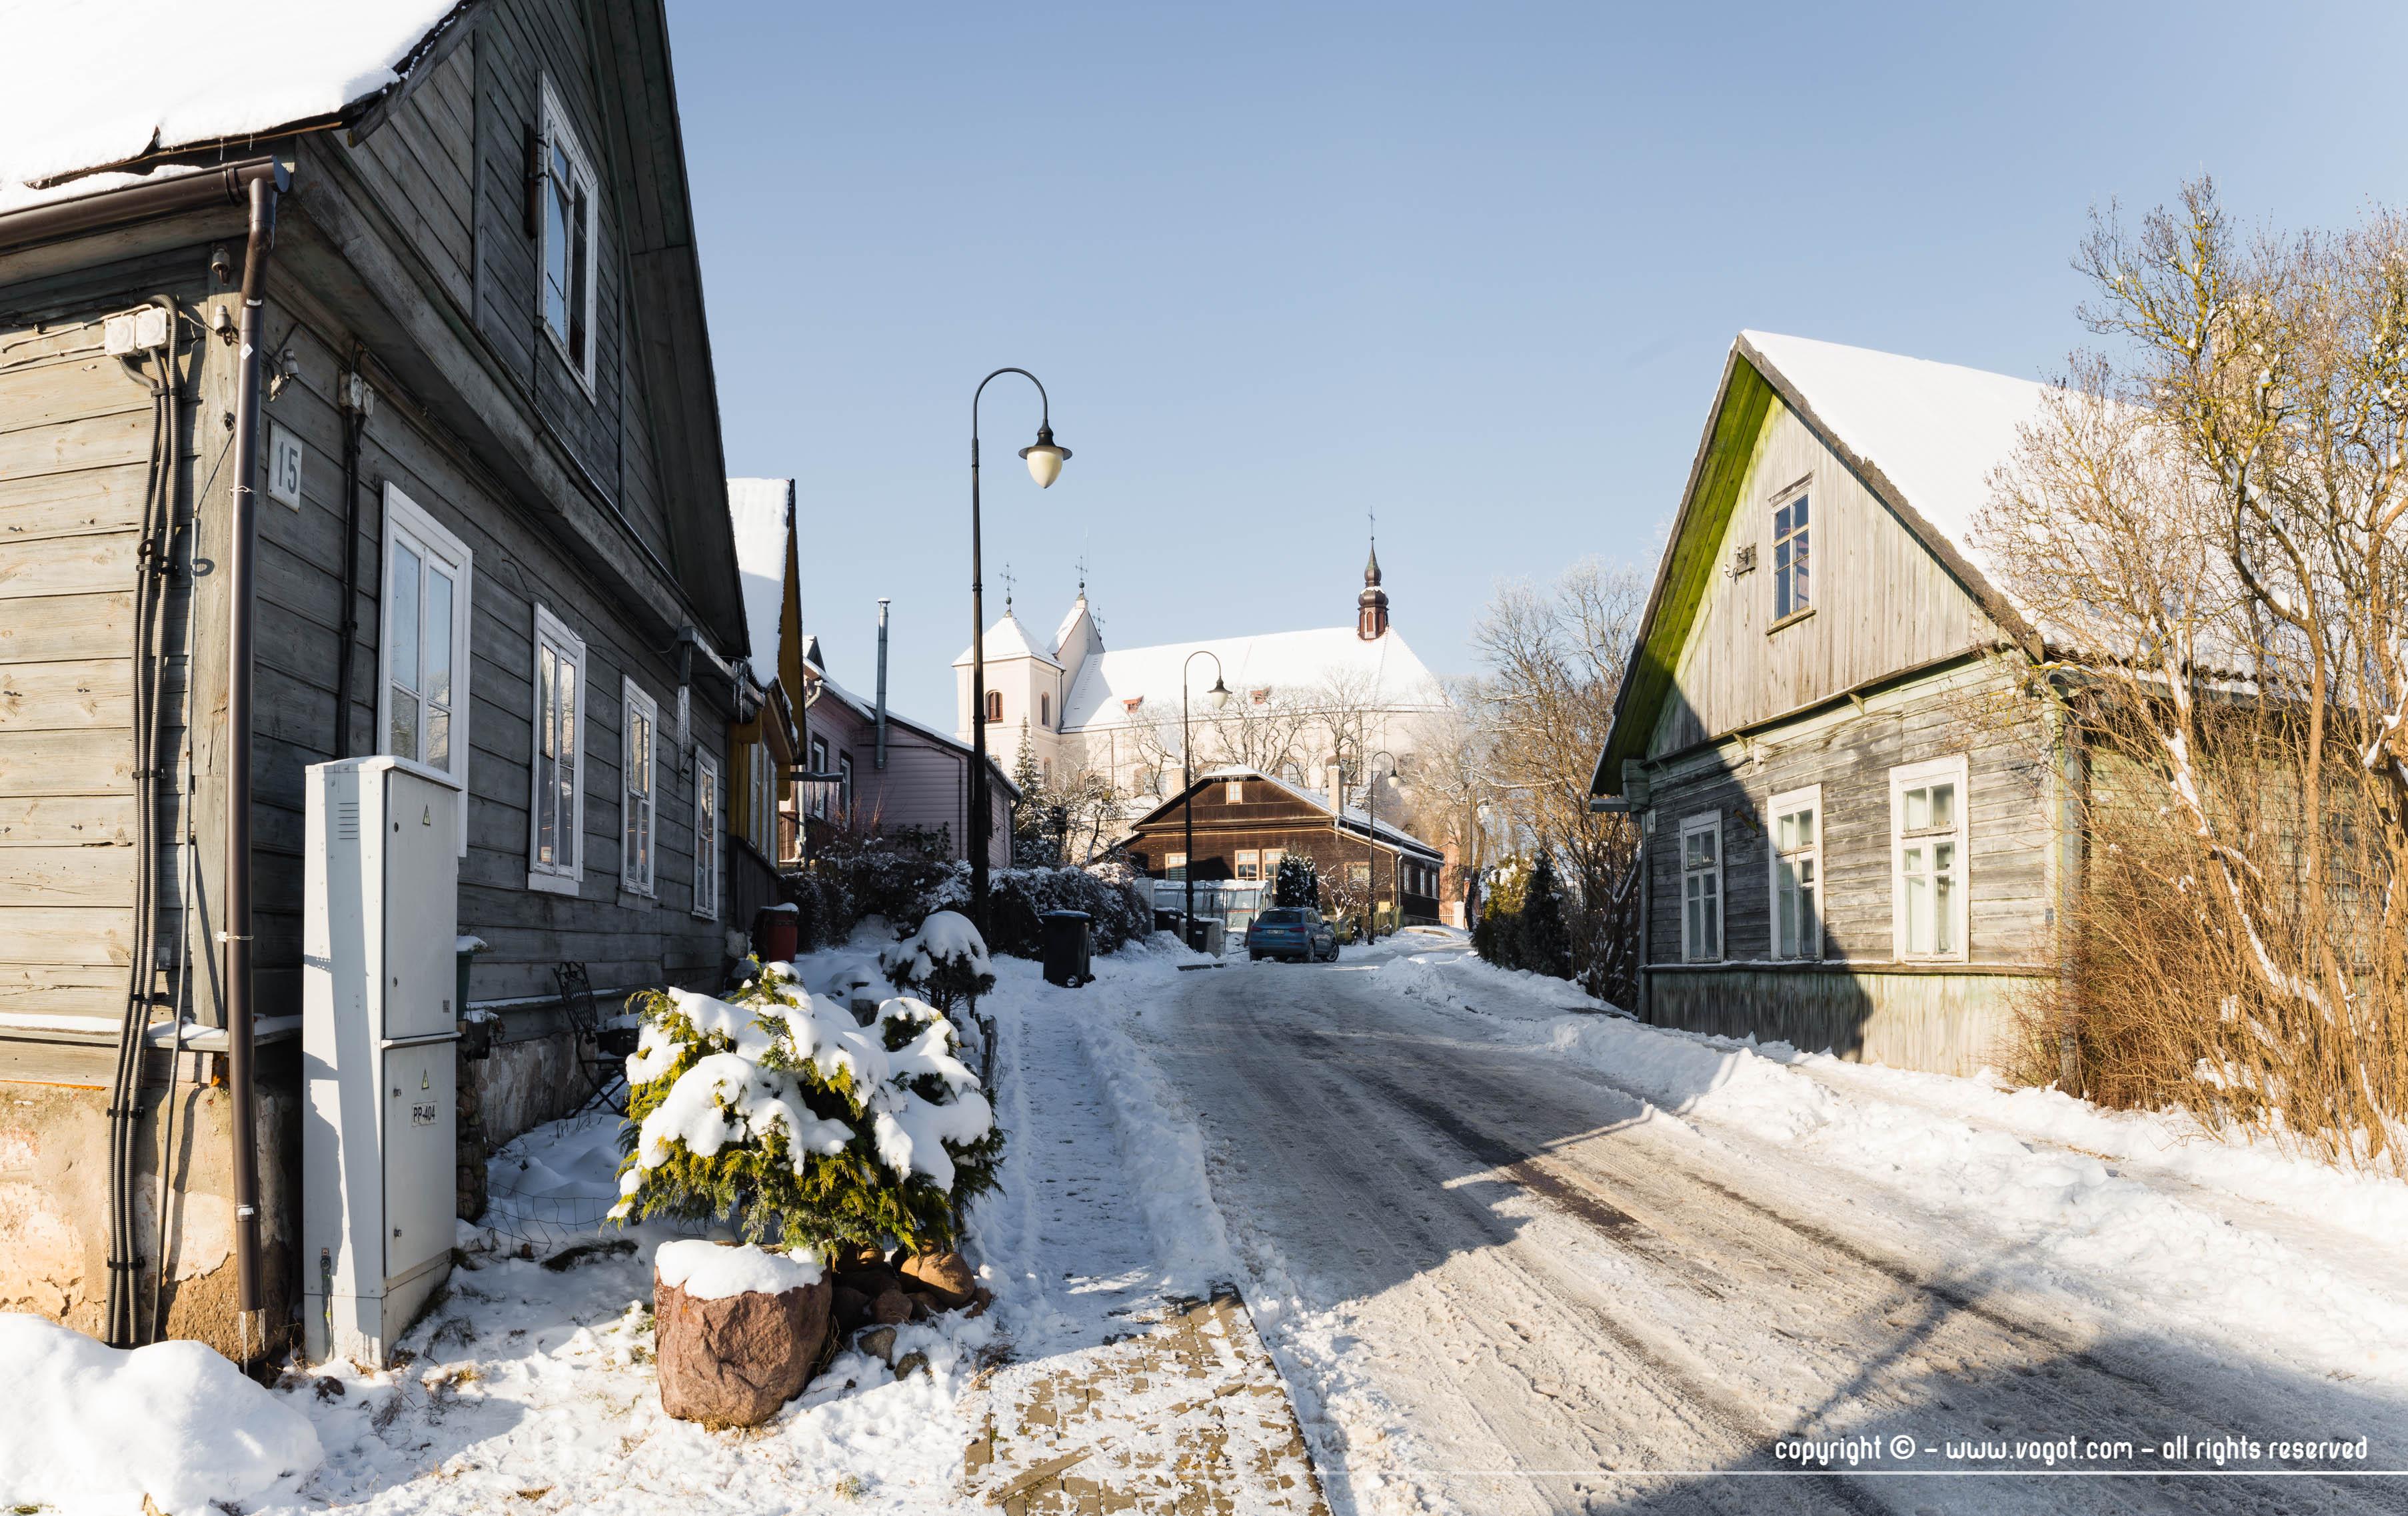 Rue réisdentielle de Trakai en hiver, avec un beau rayon de soleil